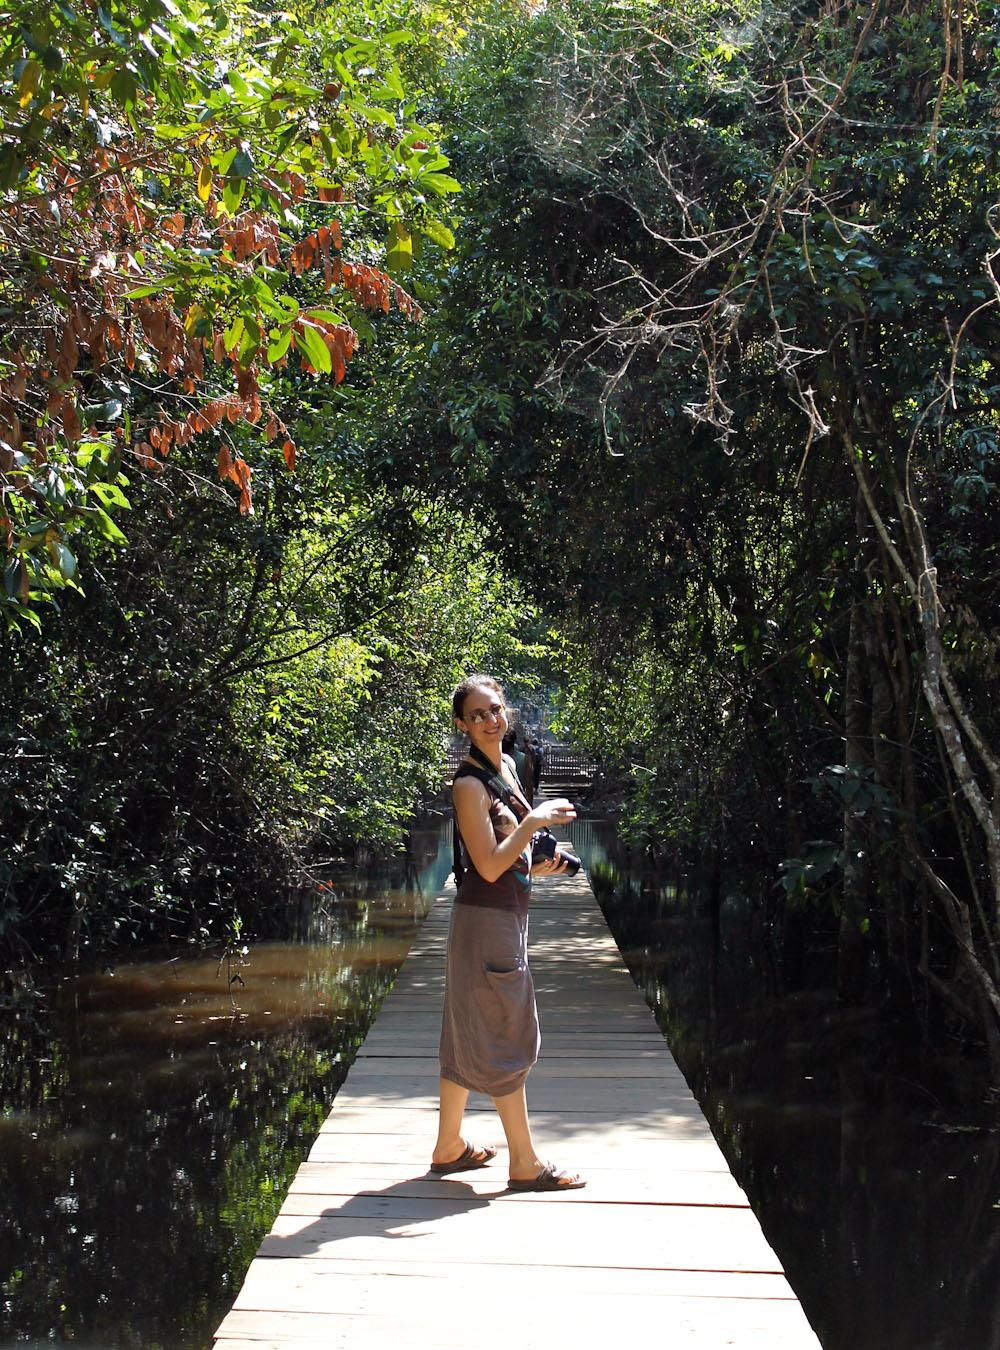 Preah Neak Pean Siem Reap Cambodia